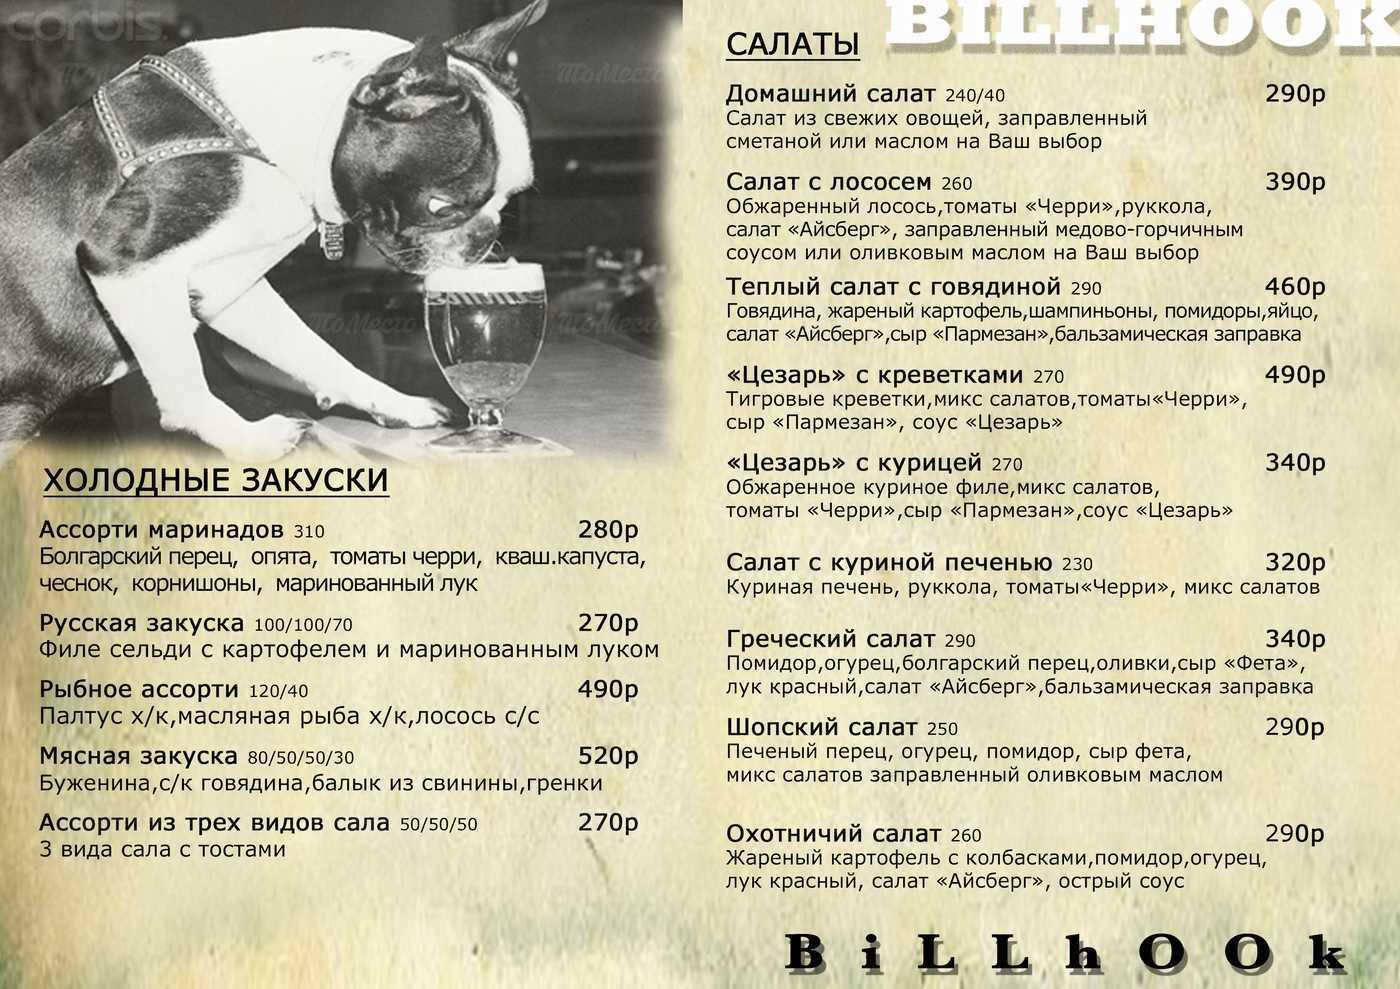 Меню паба Билл Хук (Bill Hook) на Балканской площади